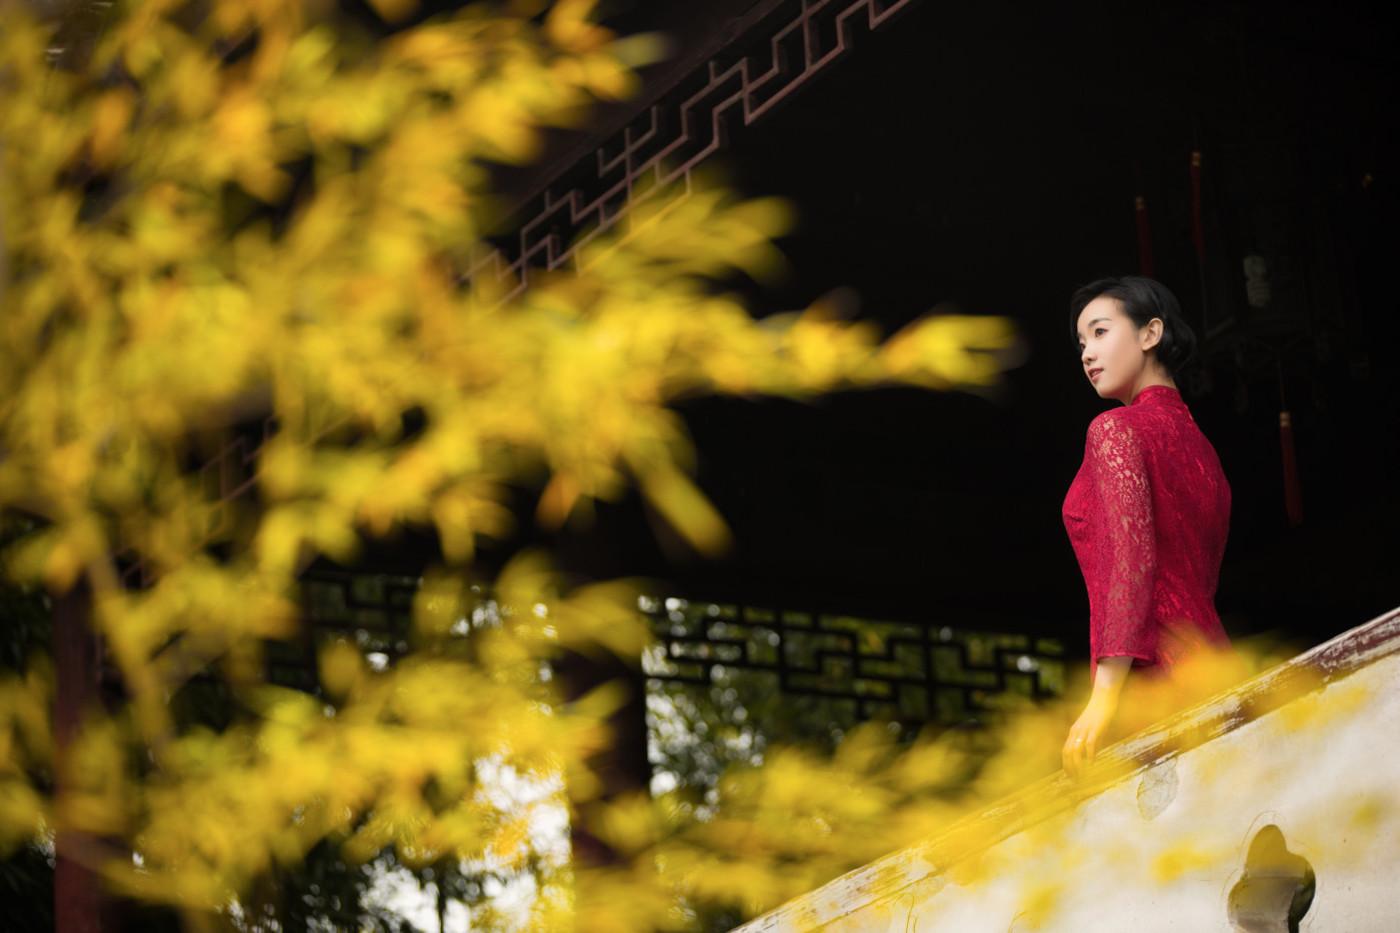 [KAI 旅行婚纱]姑苏城外,夜半钟声19